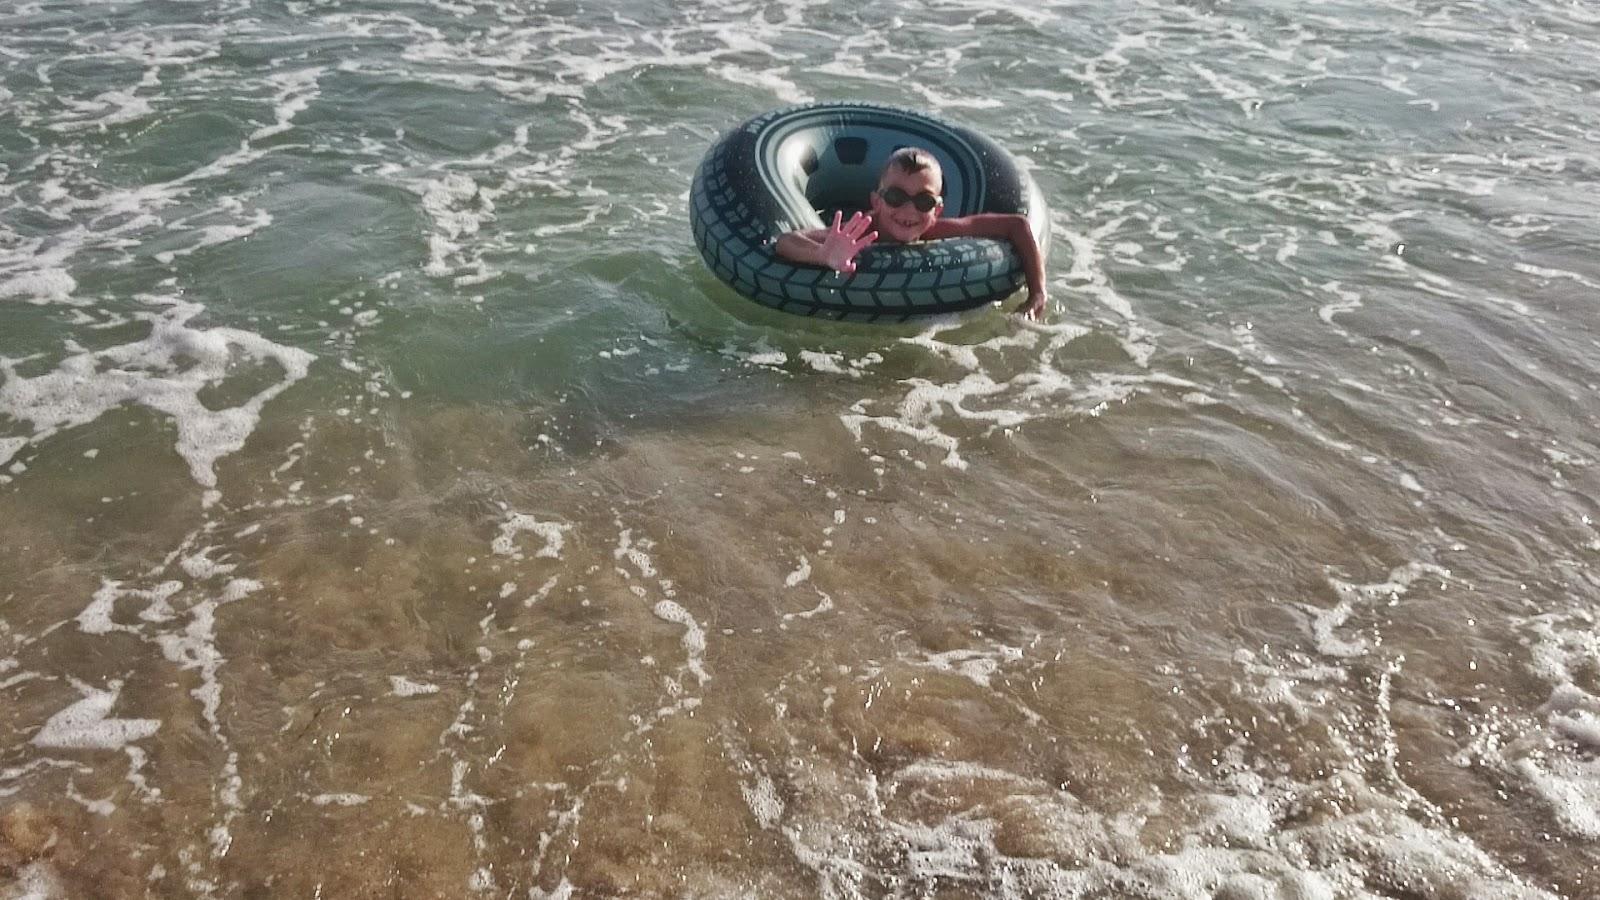 opona do wody,pływanie w morzu,Hiszpania jaka jest plaża,słona woda i koło dla dzieci,fale i piasek w Hiszpanii